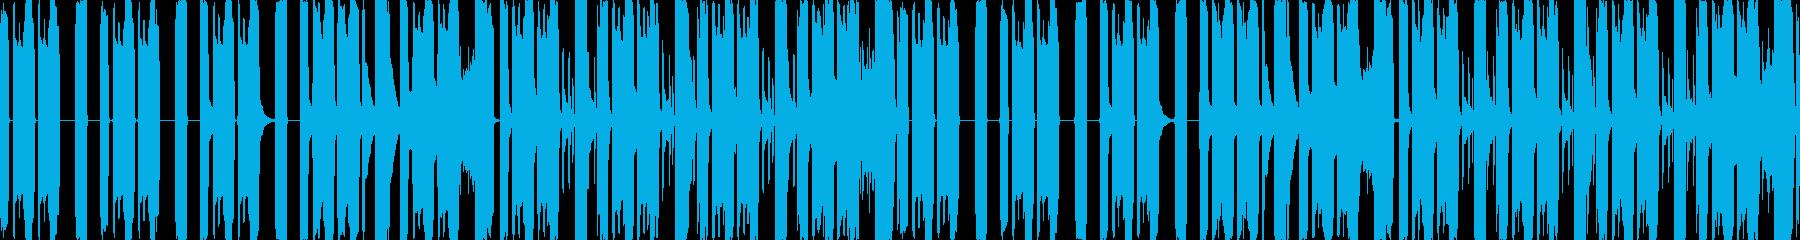 【★ポップ/クイズ/EDM/BGM】の再生済みの波形